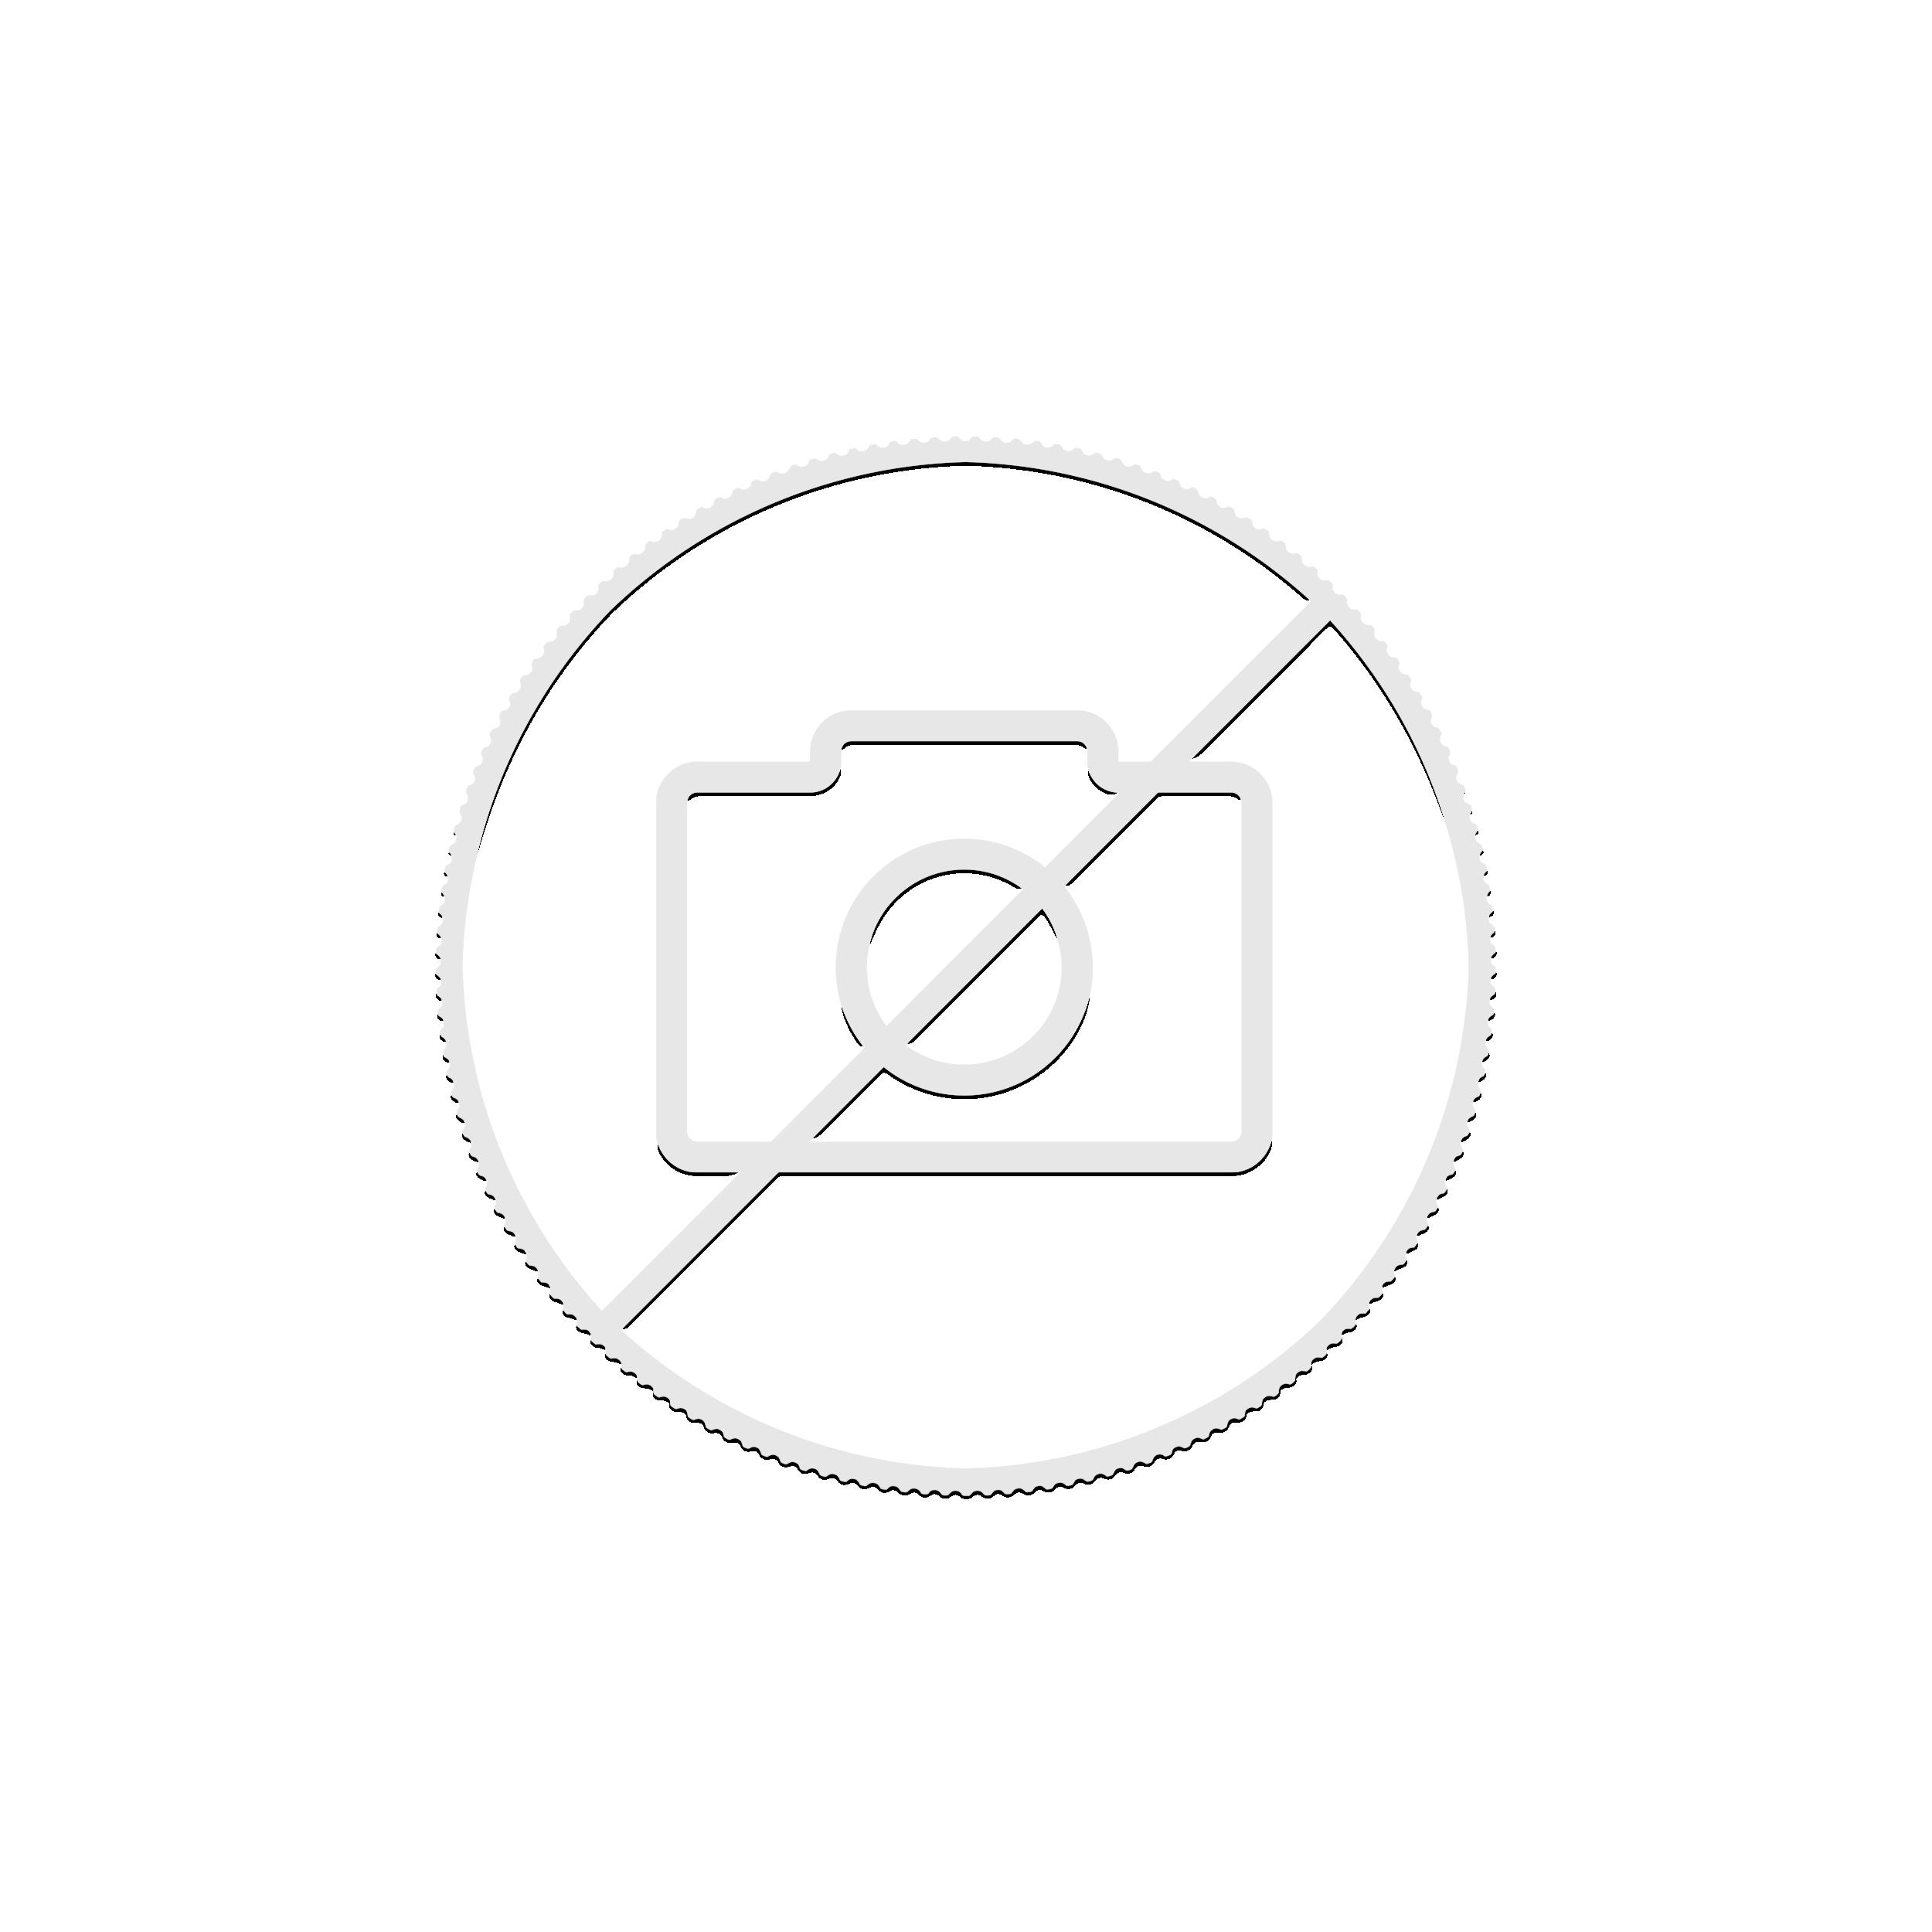 Troy Ounce Gold Lunar Coins 2019